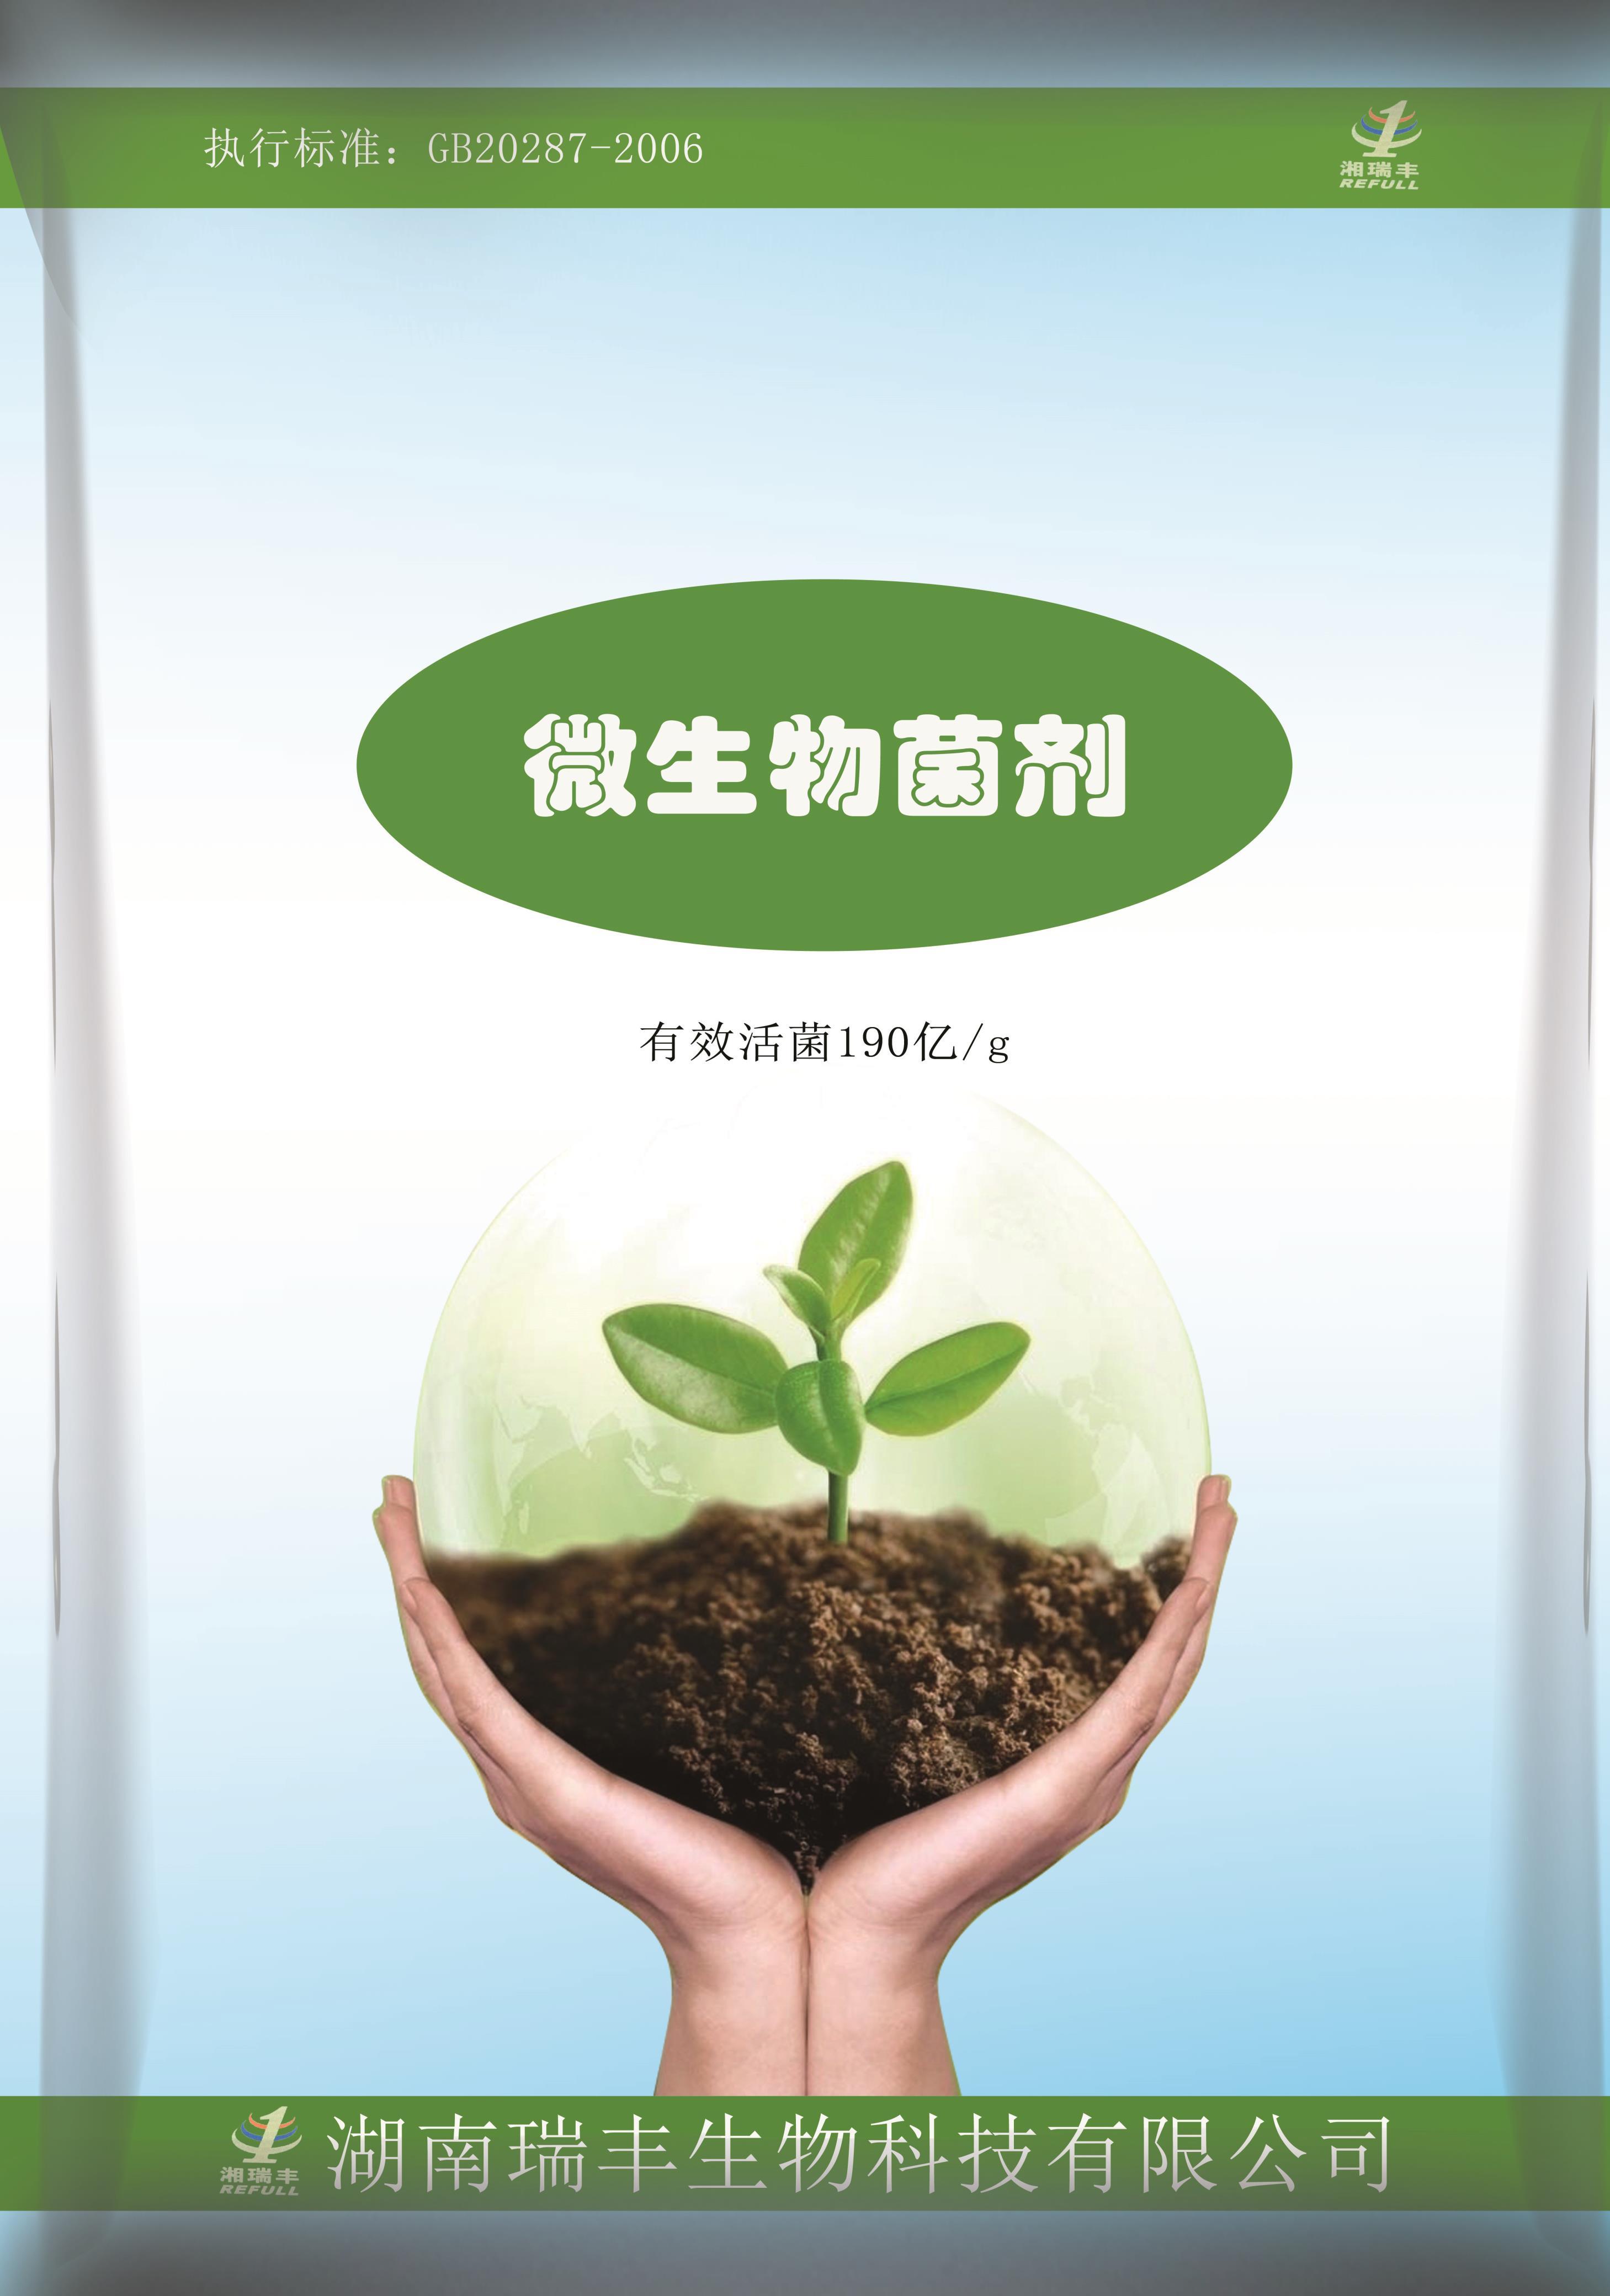 湘瑞丰牌微生物菌剂